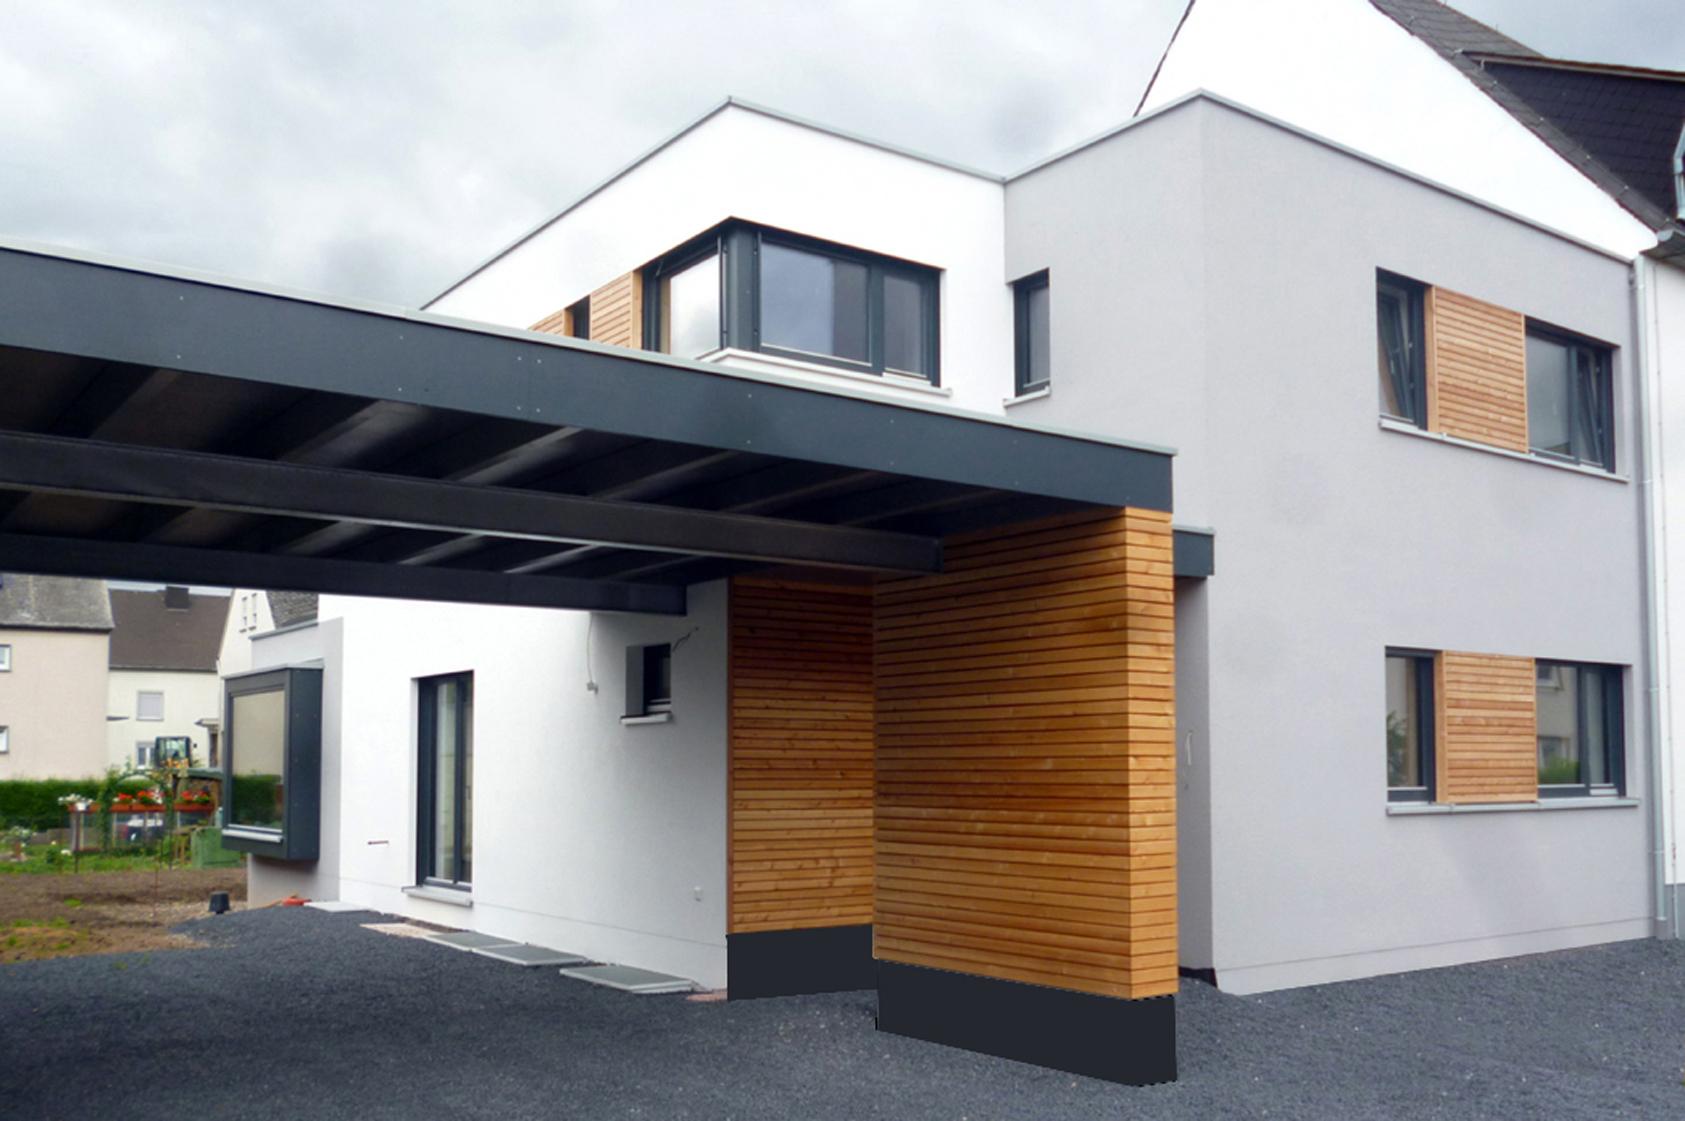 Anbau einfamilienholzhaus modern umgesetzt der holzbau for Holzhaus modern bauen